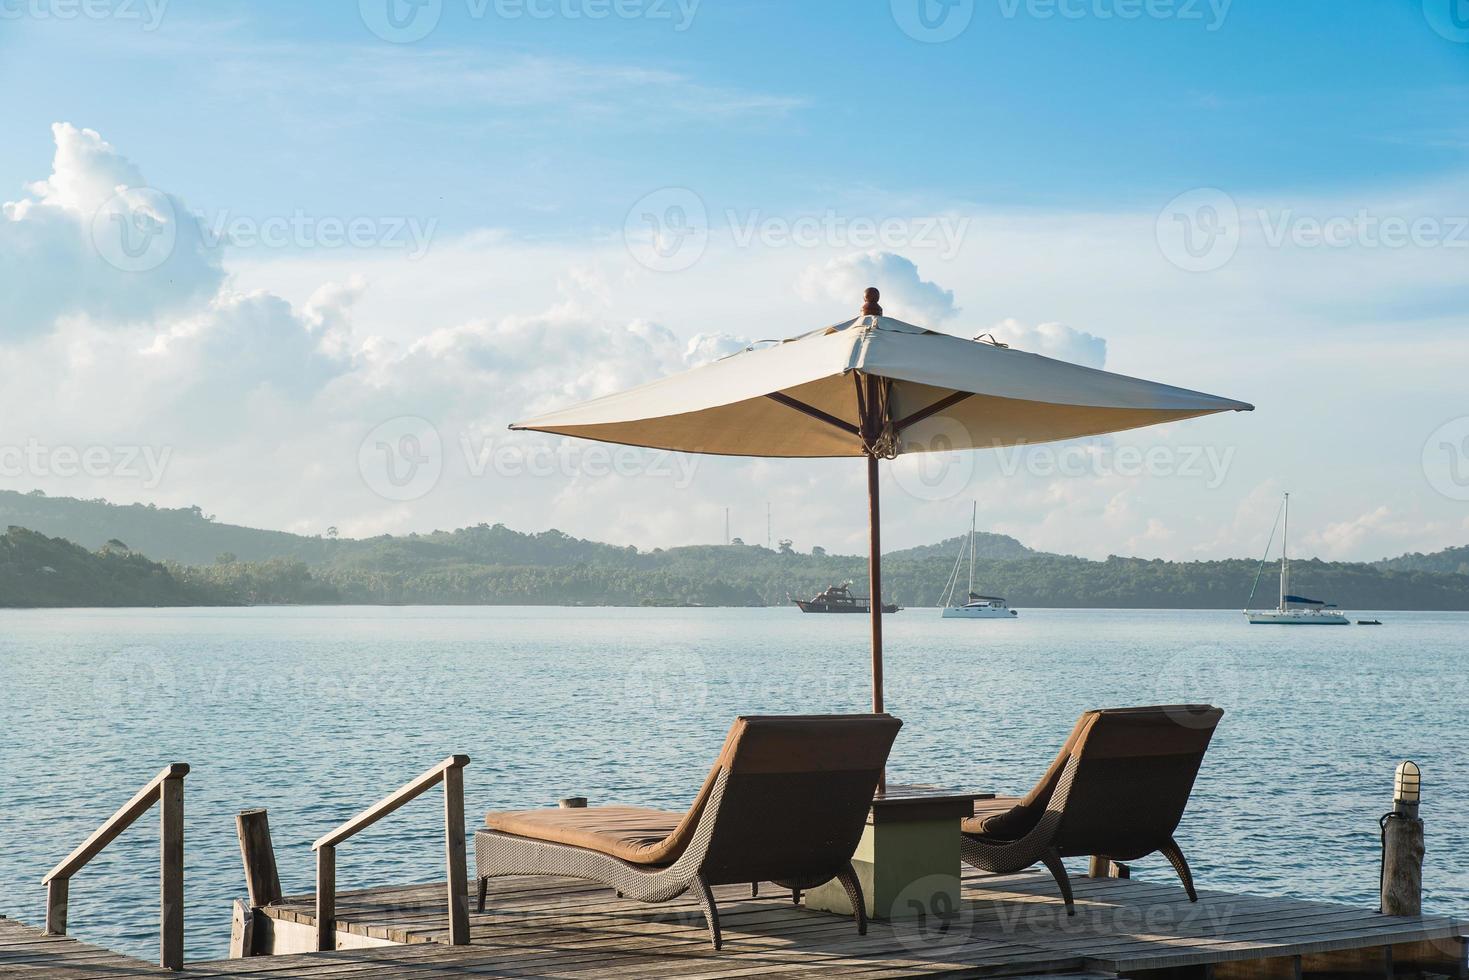 twee stoelen en paraplu op houten bureau tegen blauwe hemel foto